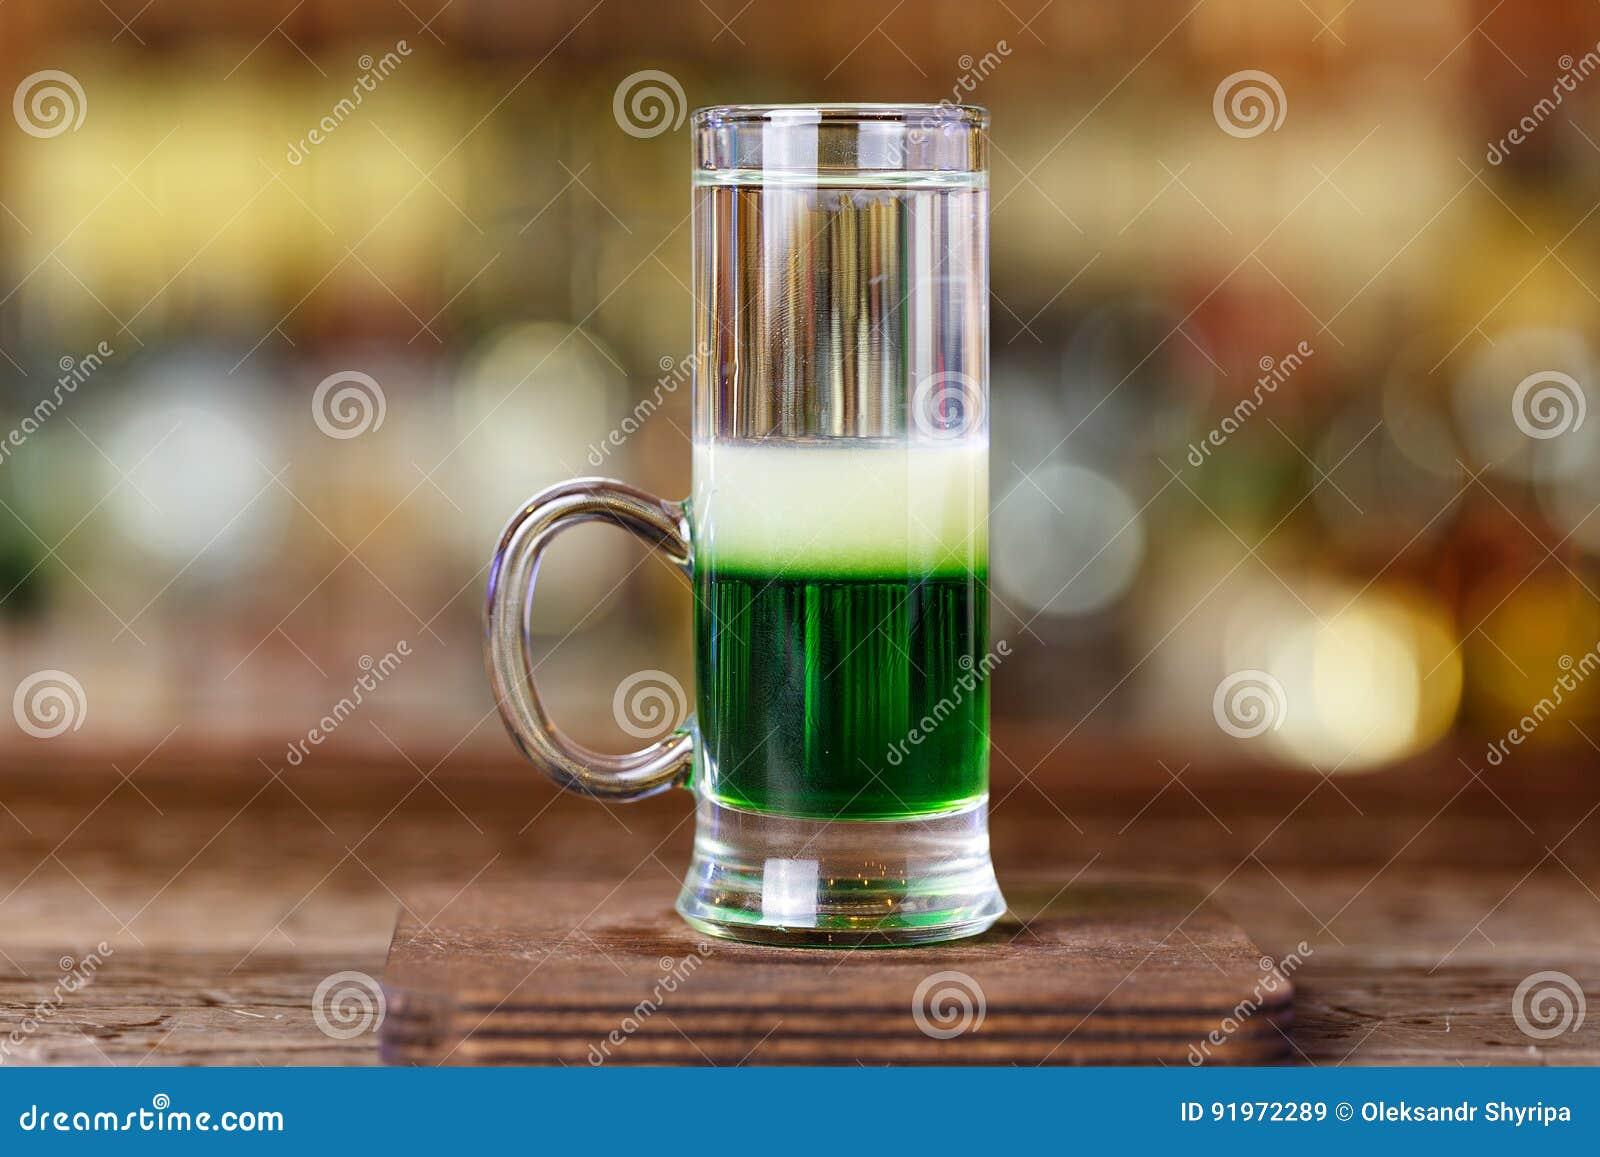 Grüner Mexikaner Des Cocktails Auf Der Bar Stockbild - Bild von ...